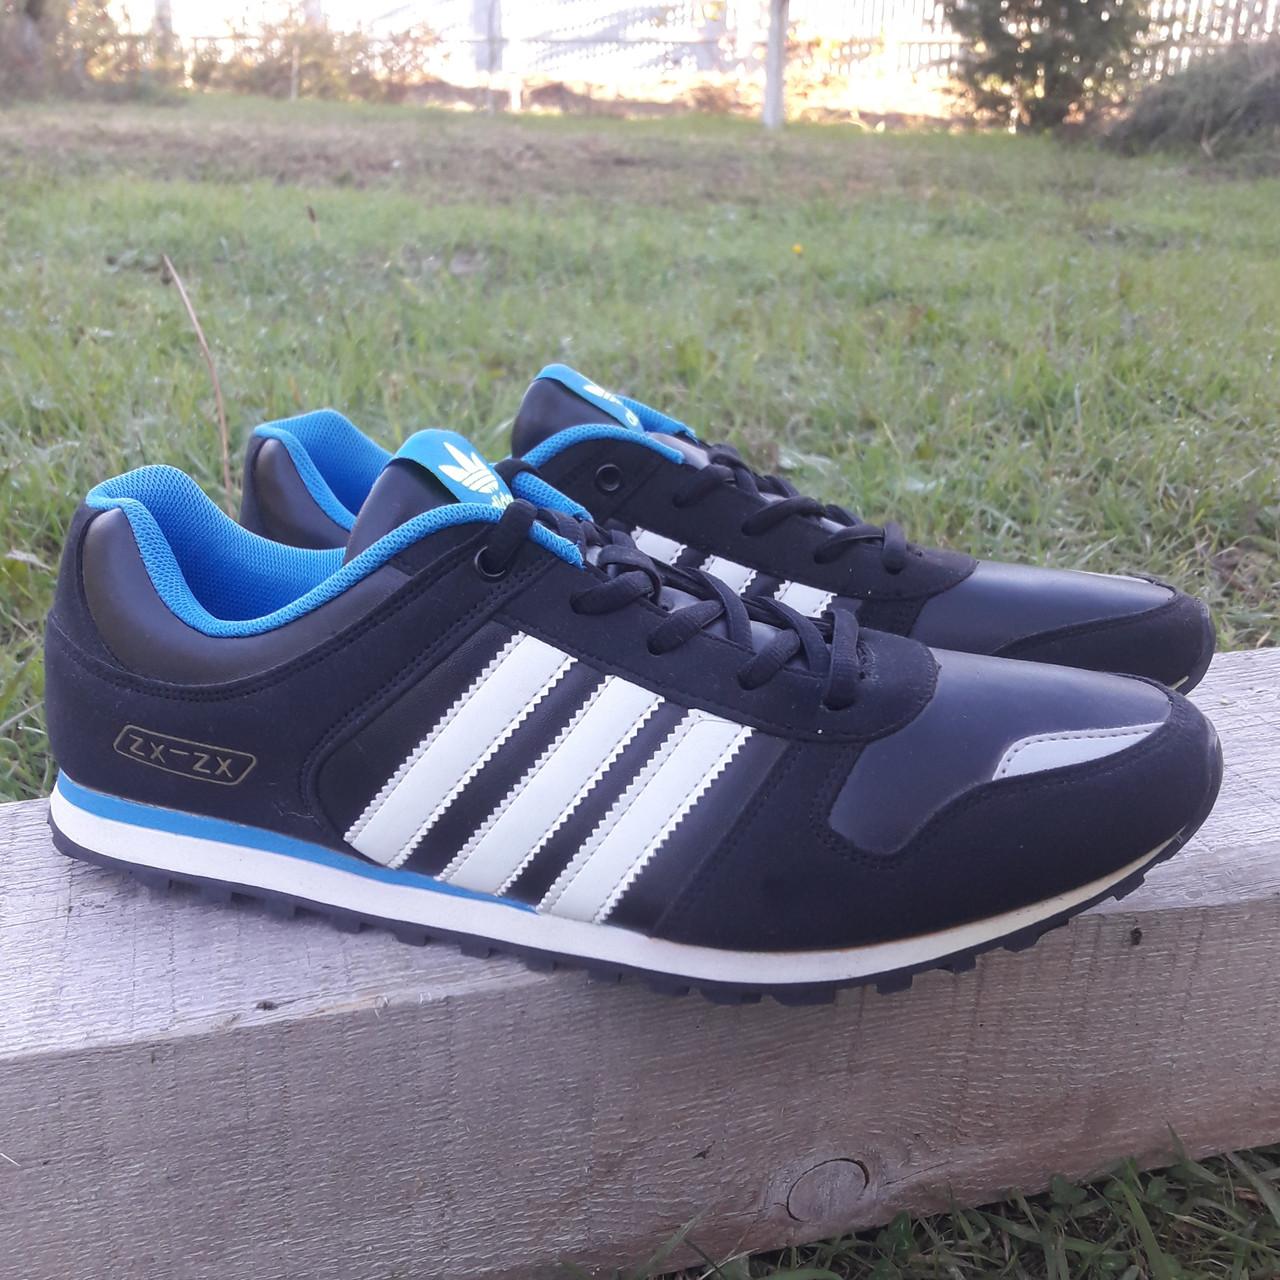 Кроссовки Adidas р.44 чёрные кожзам сезон осень/весна